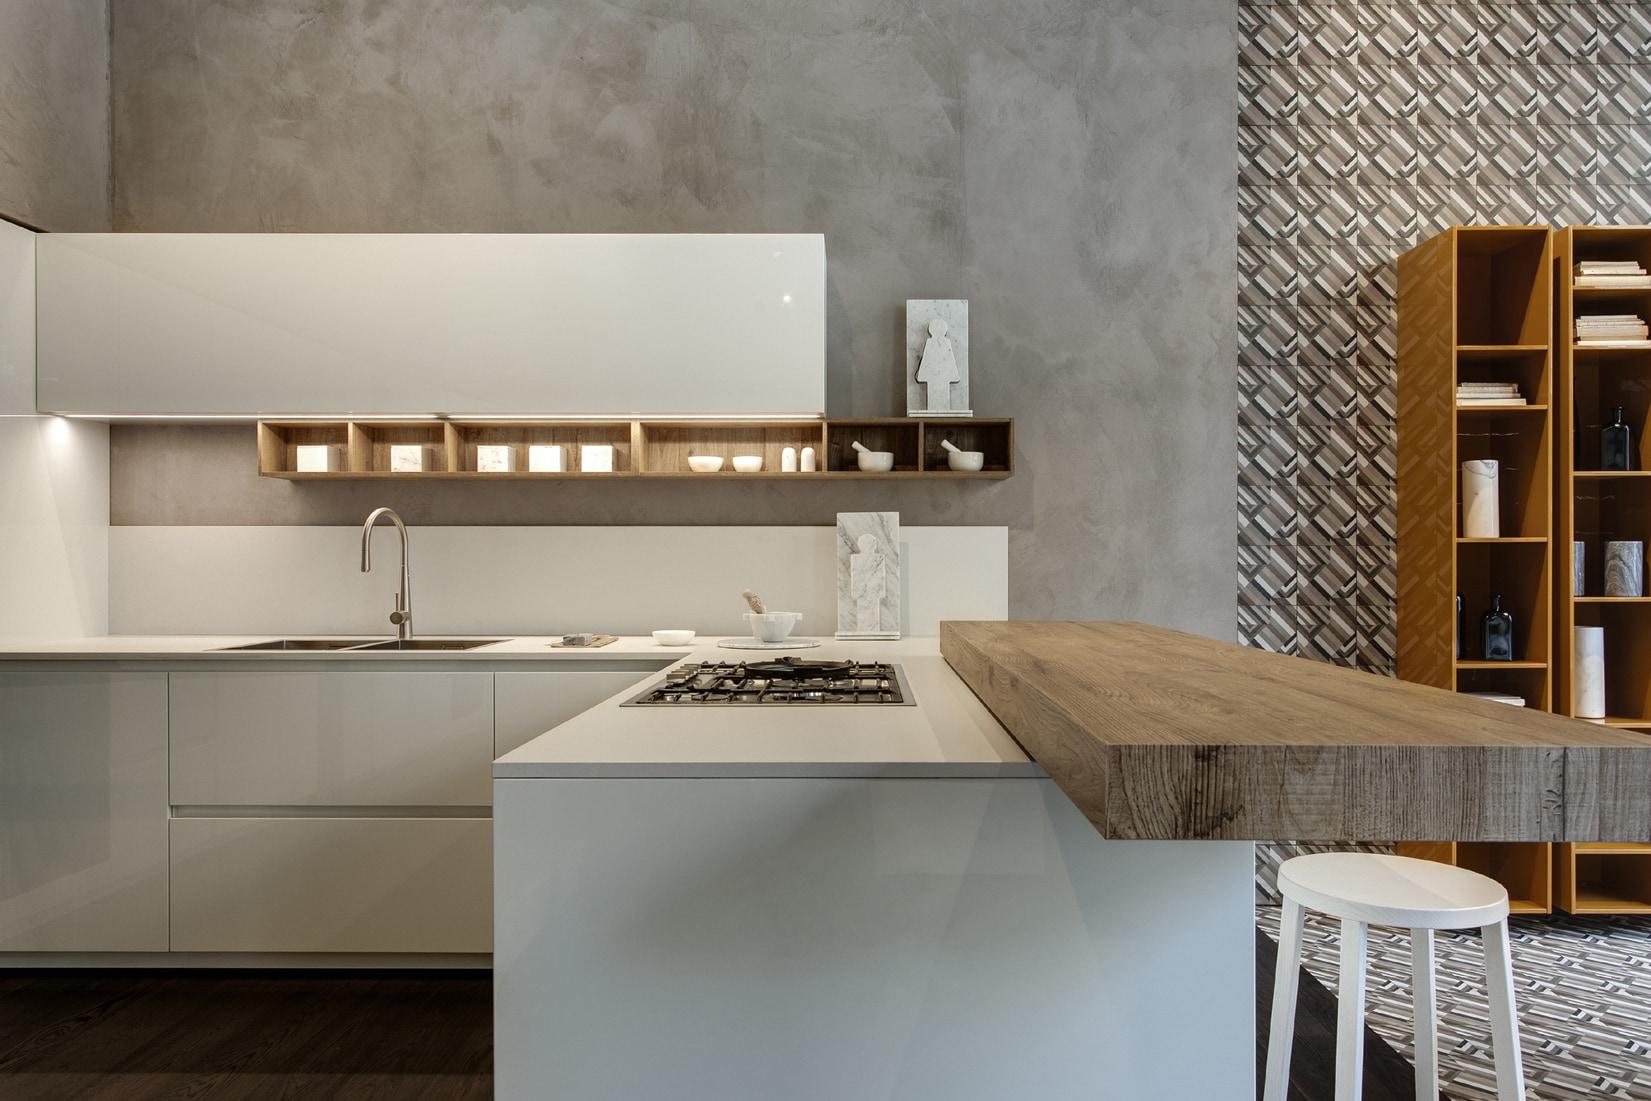 Il nuovo spazio ernestomeda a milano interni magazine for Arredamenti a milano